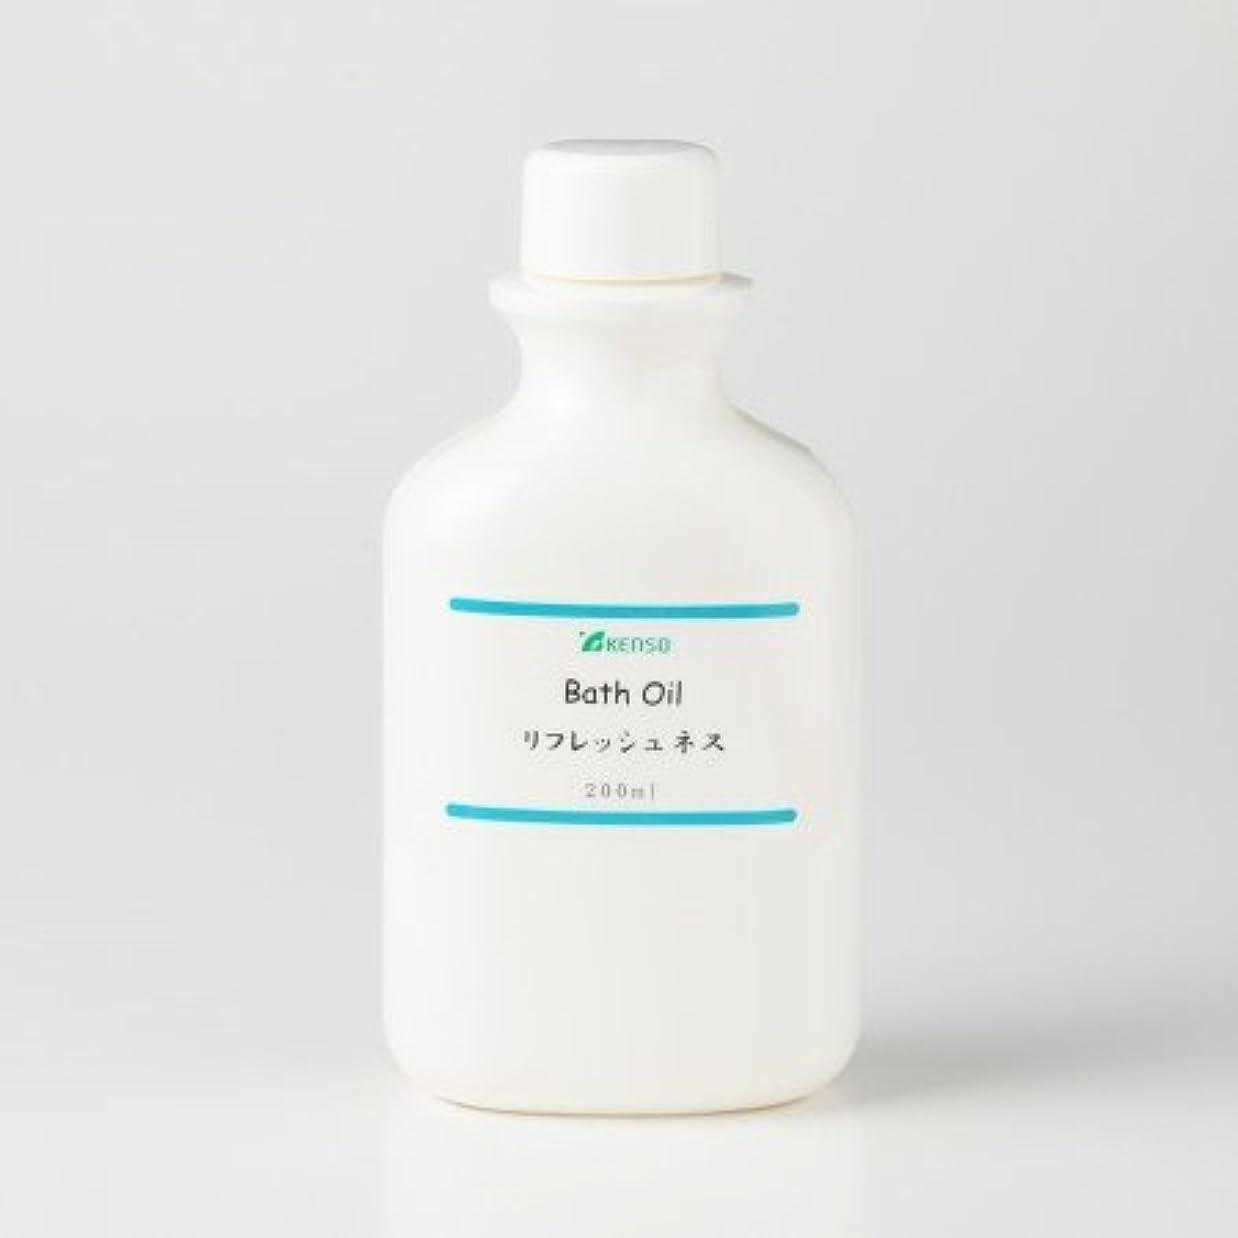 フィットネス肺炎農学ケンソー バスオイル リフレッシュネス 200ml